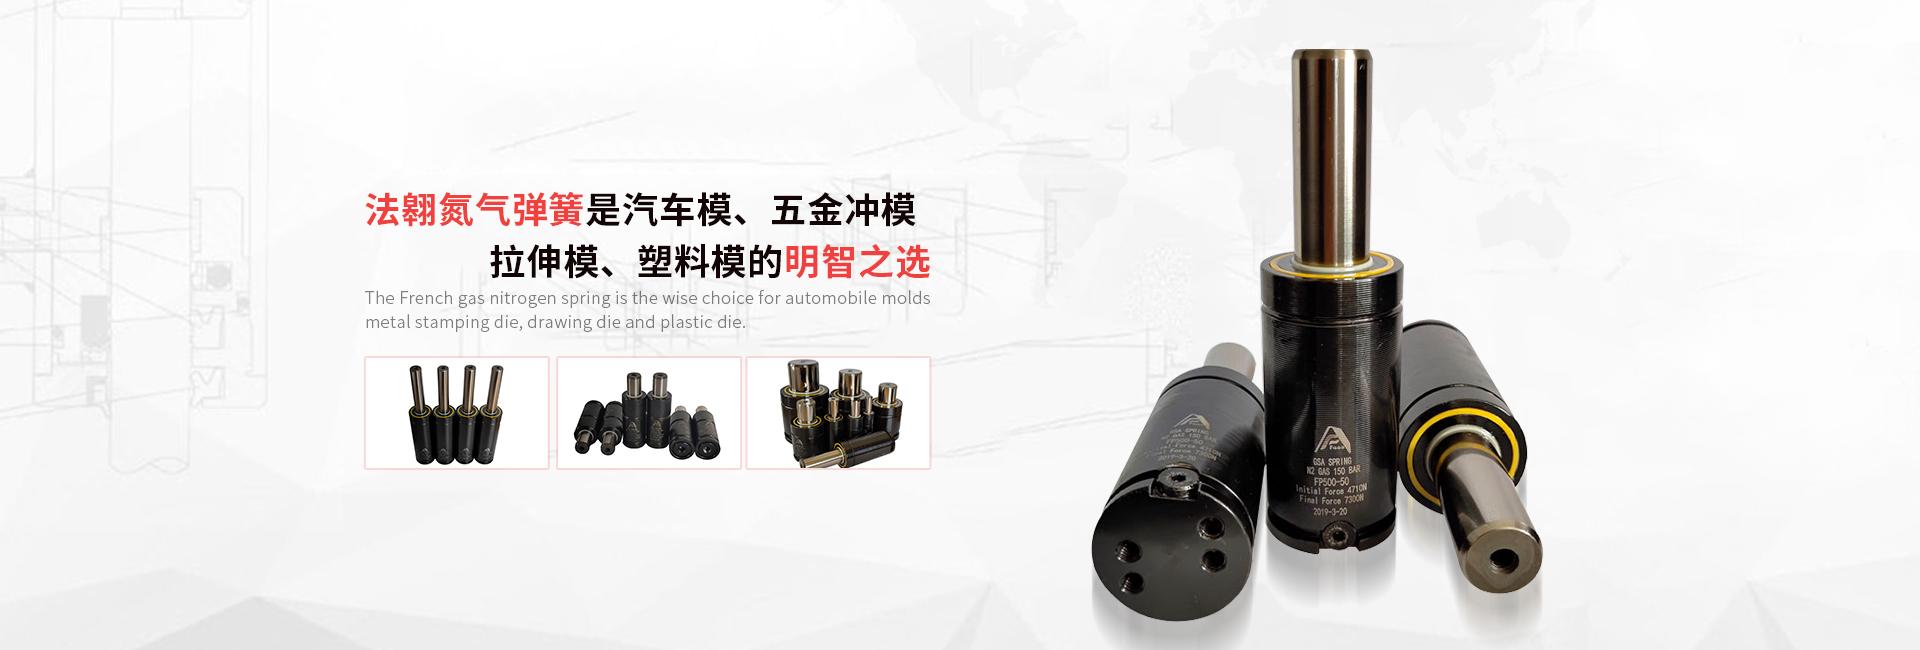 上海法翱机电科技有限公司